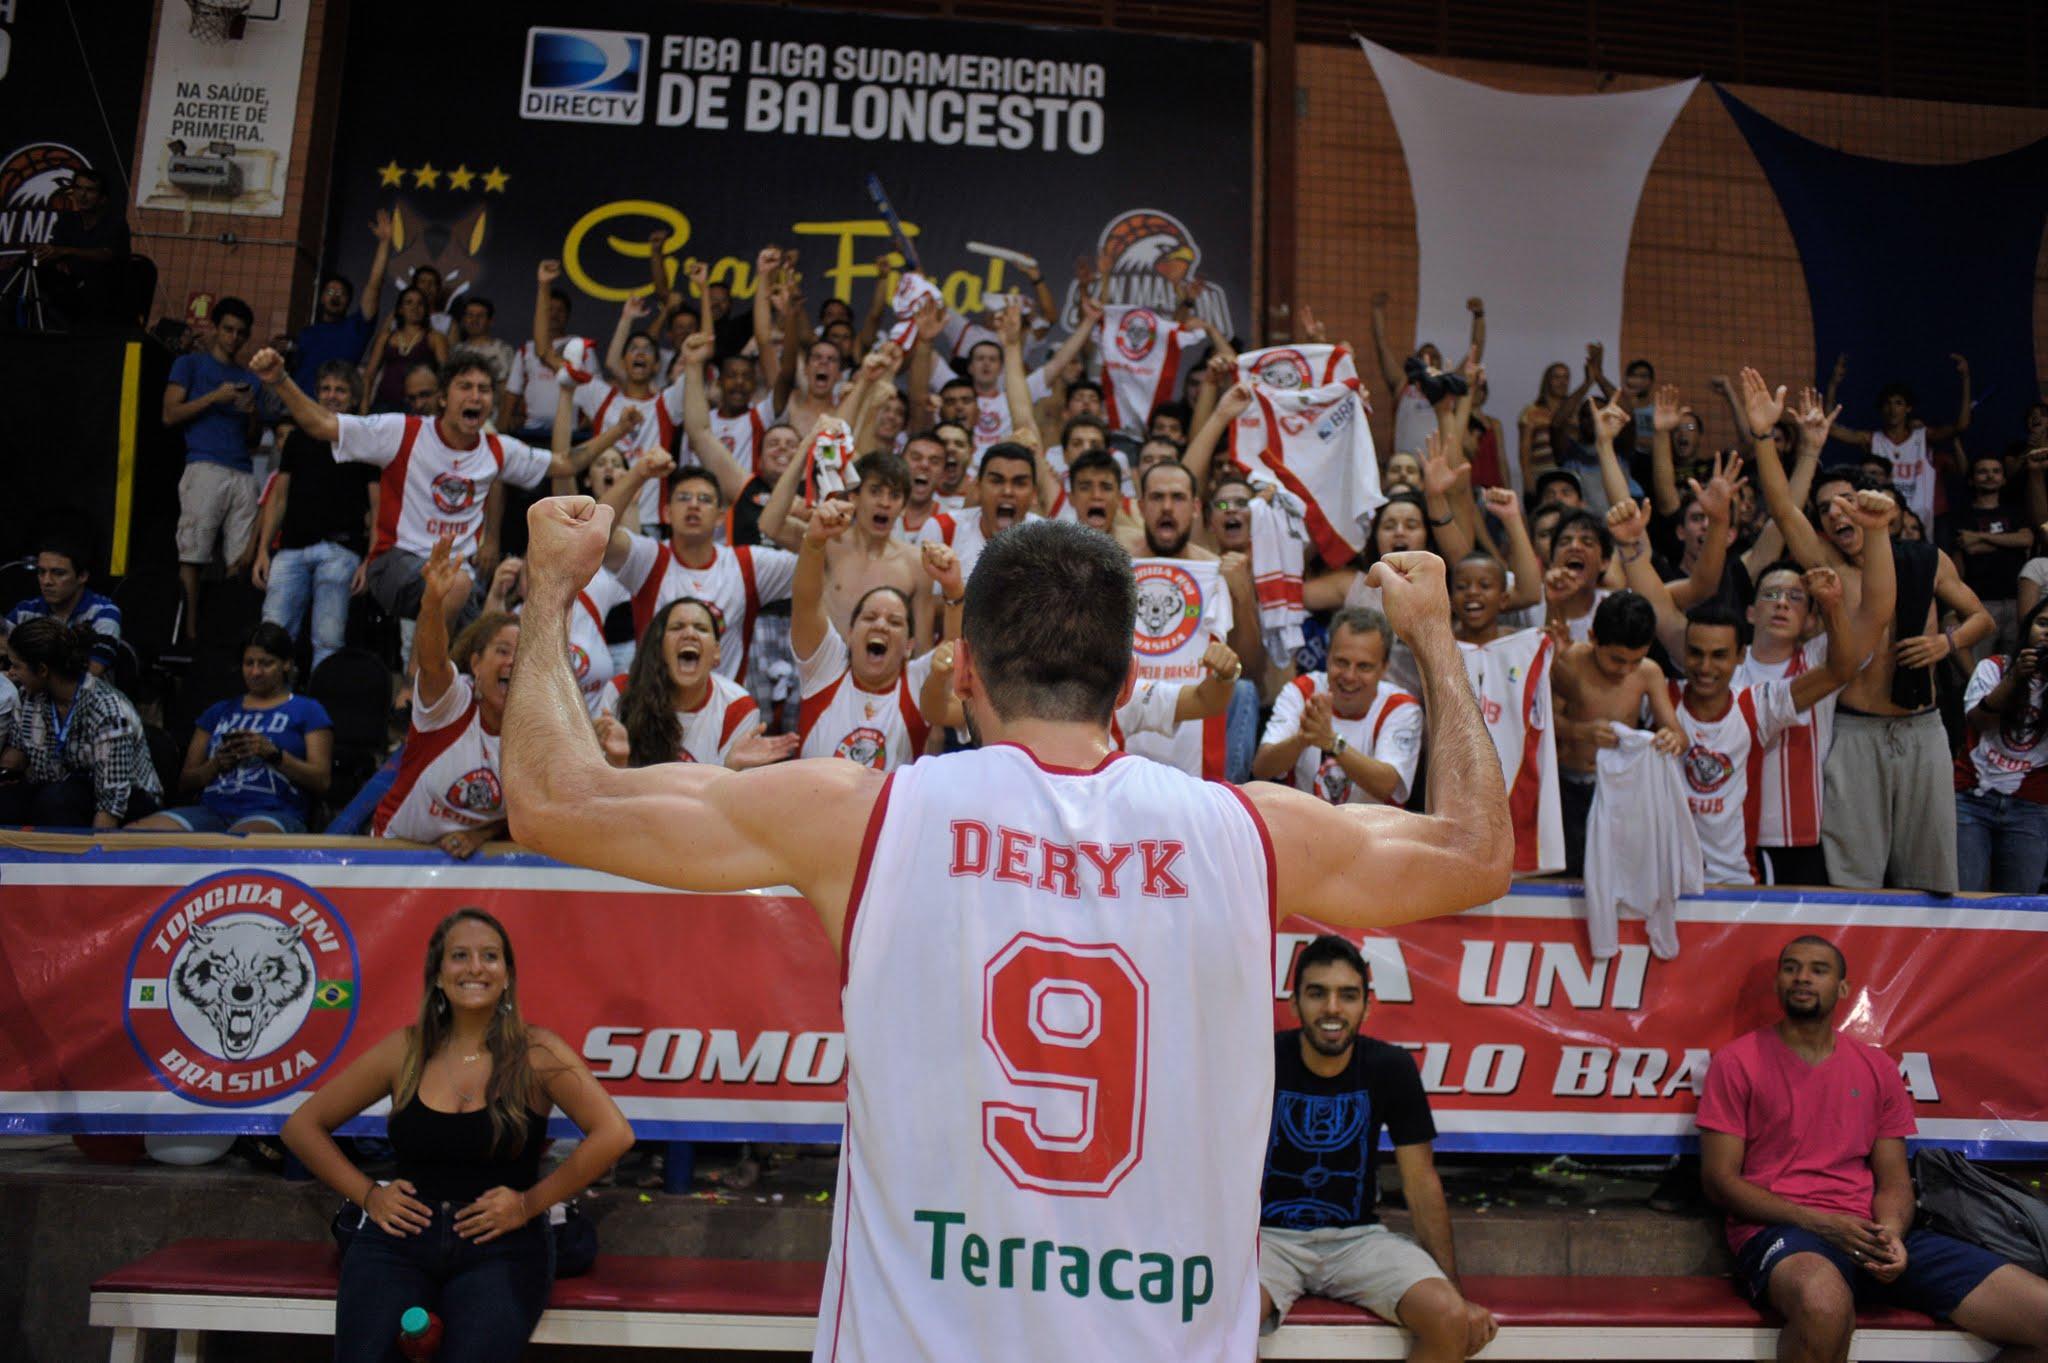 Deryk foi dono das duas bolas bolas de 3 pontos no último segundo dos dois jogos da Final da Liga Sul-Americana (Brito Júnior/Divulgação)